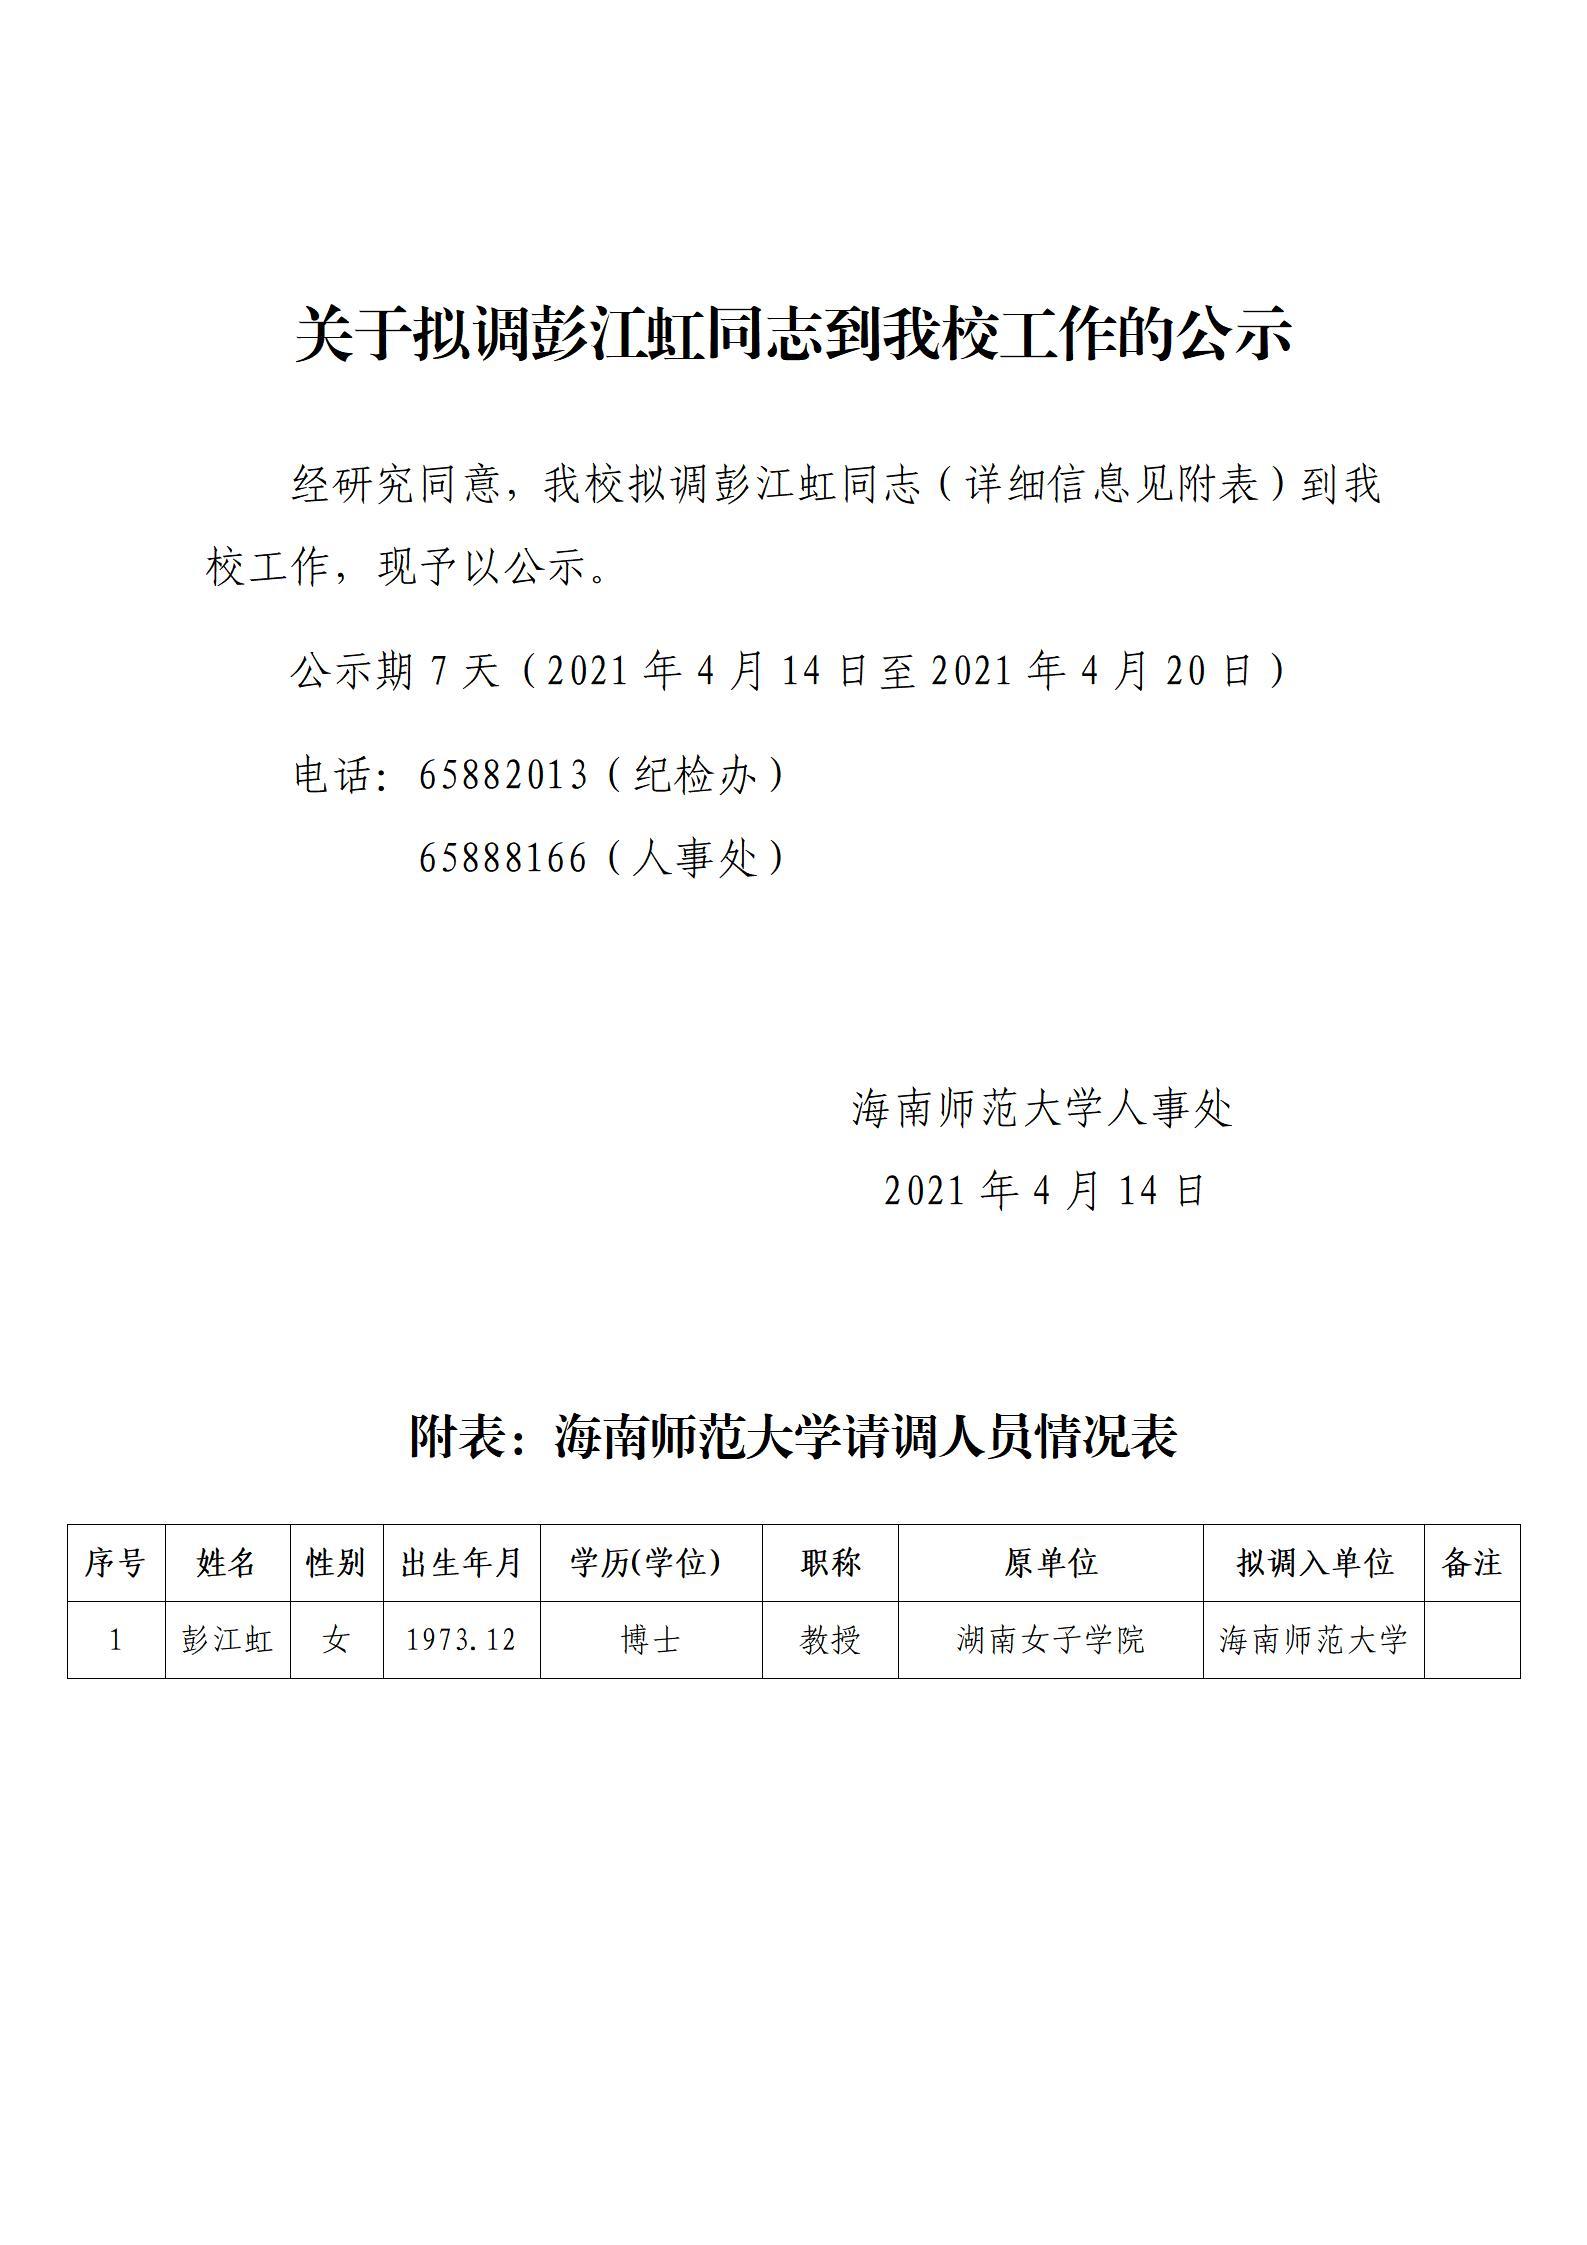 关于拟调彭江虹同志到我校工作的公示